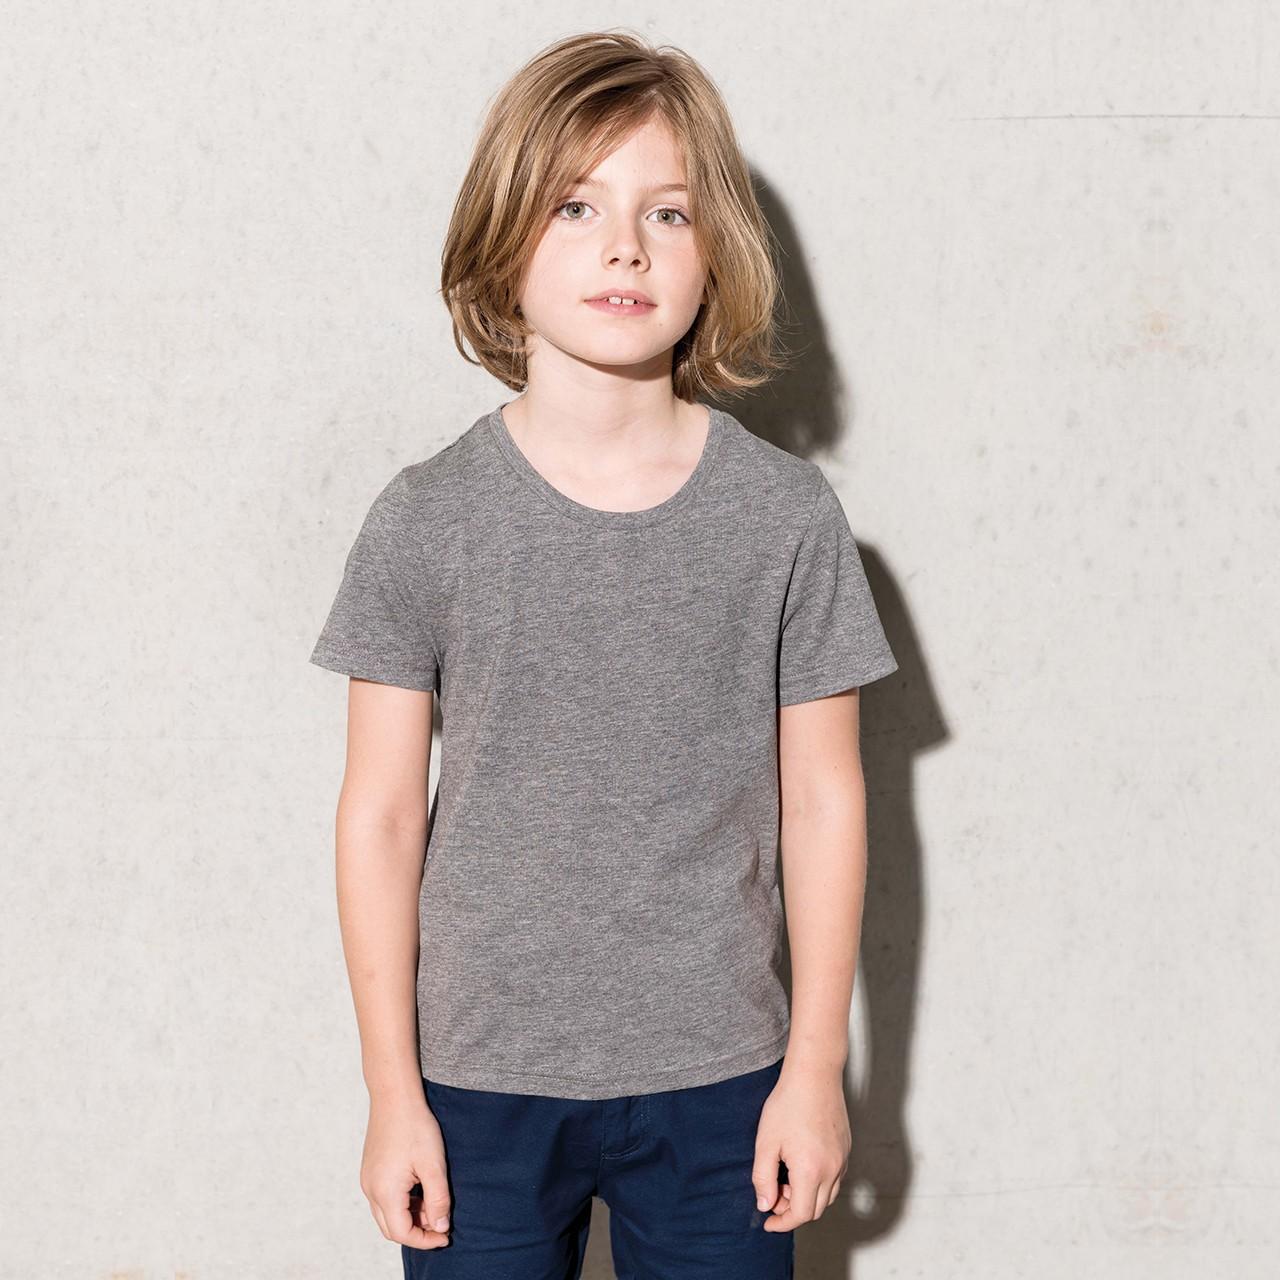 f83bbfc68a4160 Kinder Rundhals T-Shirt aus Bio-Baumwolle Kariban®